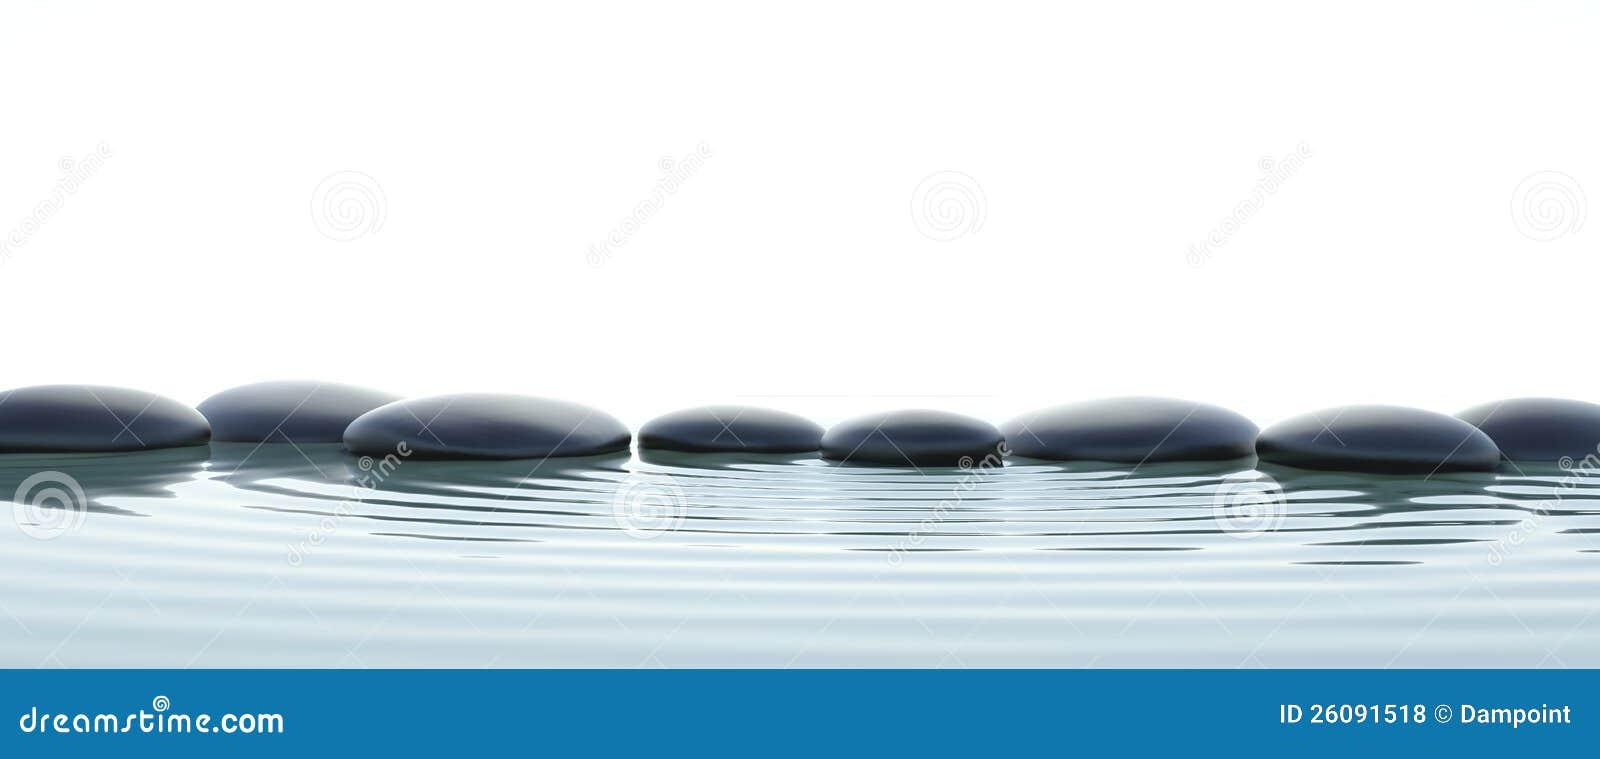 Piedras del zen en agua en con pantalla grande stock de for Fotos piedras zen